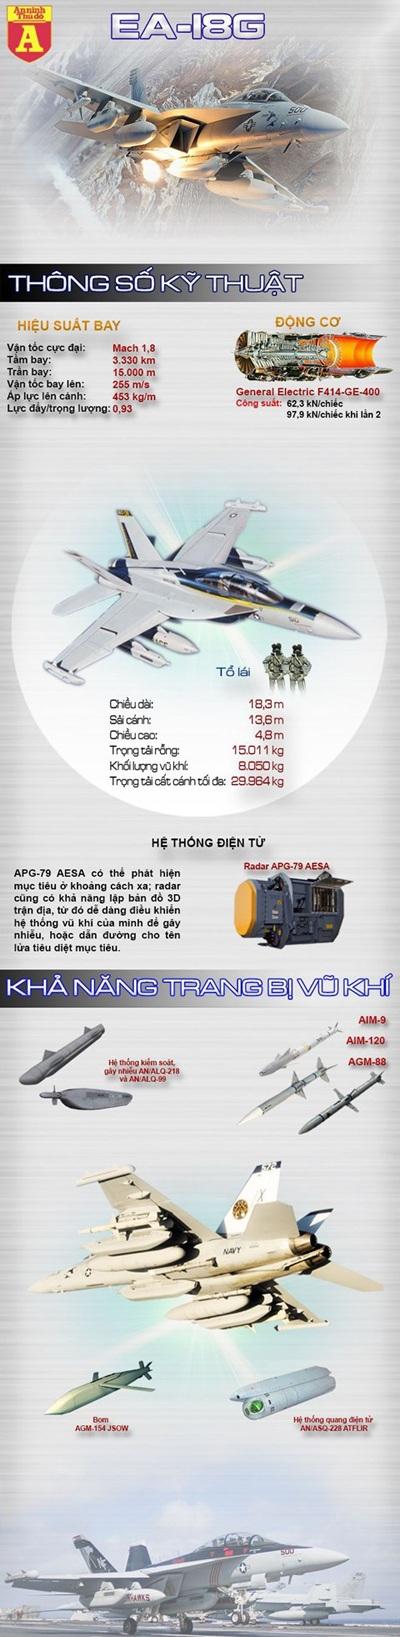 [Infographic] EA-18G - Máy bay tác chiến điện tử nguy hiểm nhất hiện nay - 1